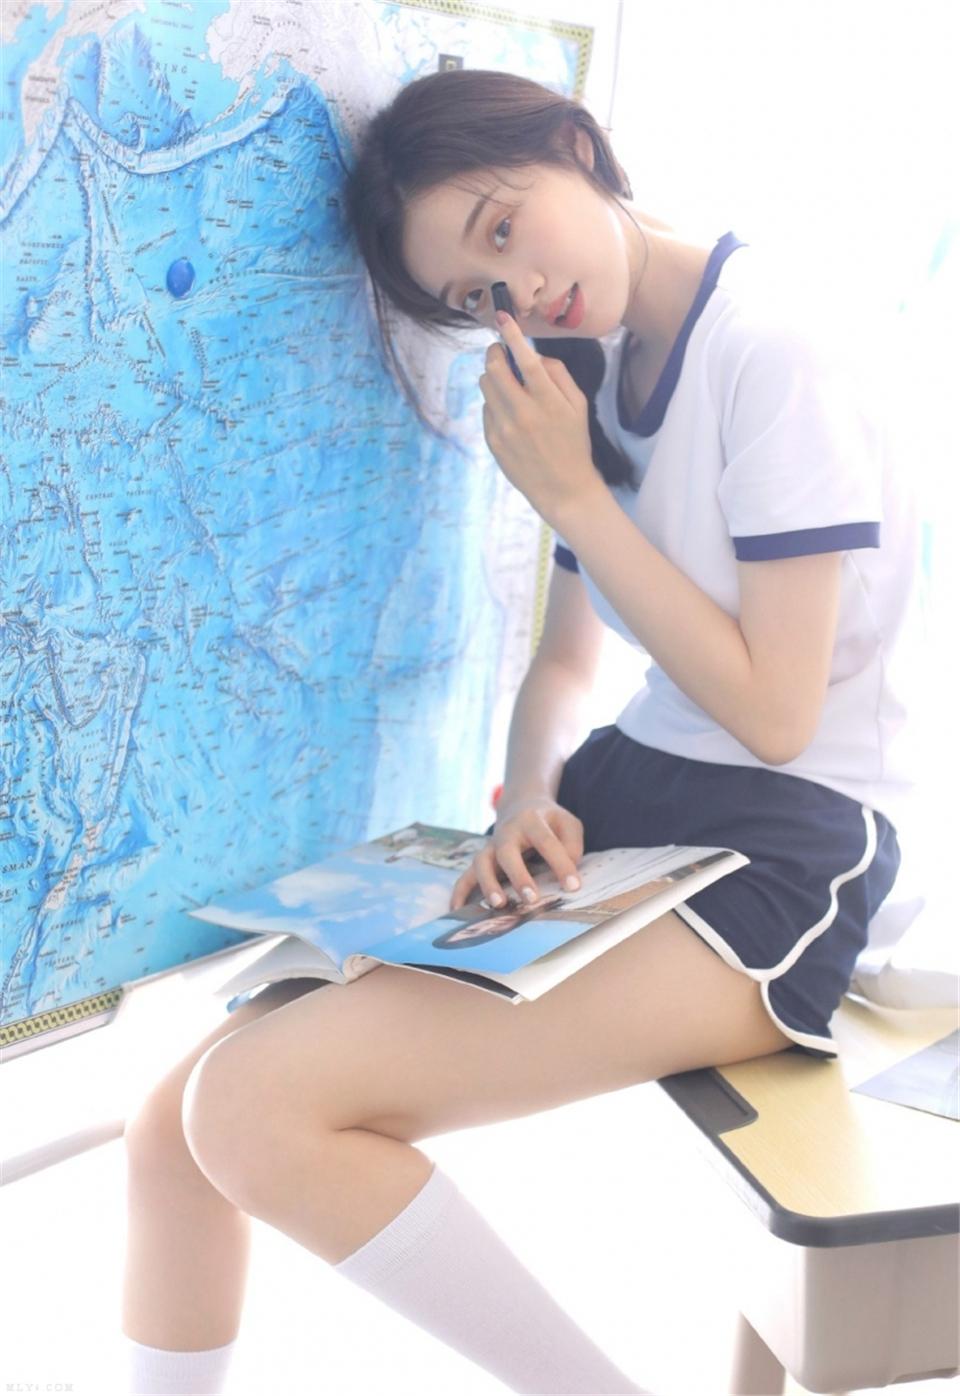 乖巧学生妹水手服白丝筒袜极品图库